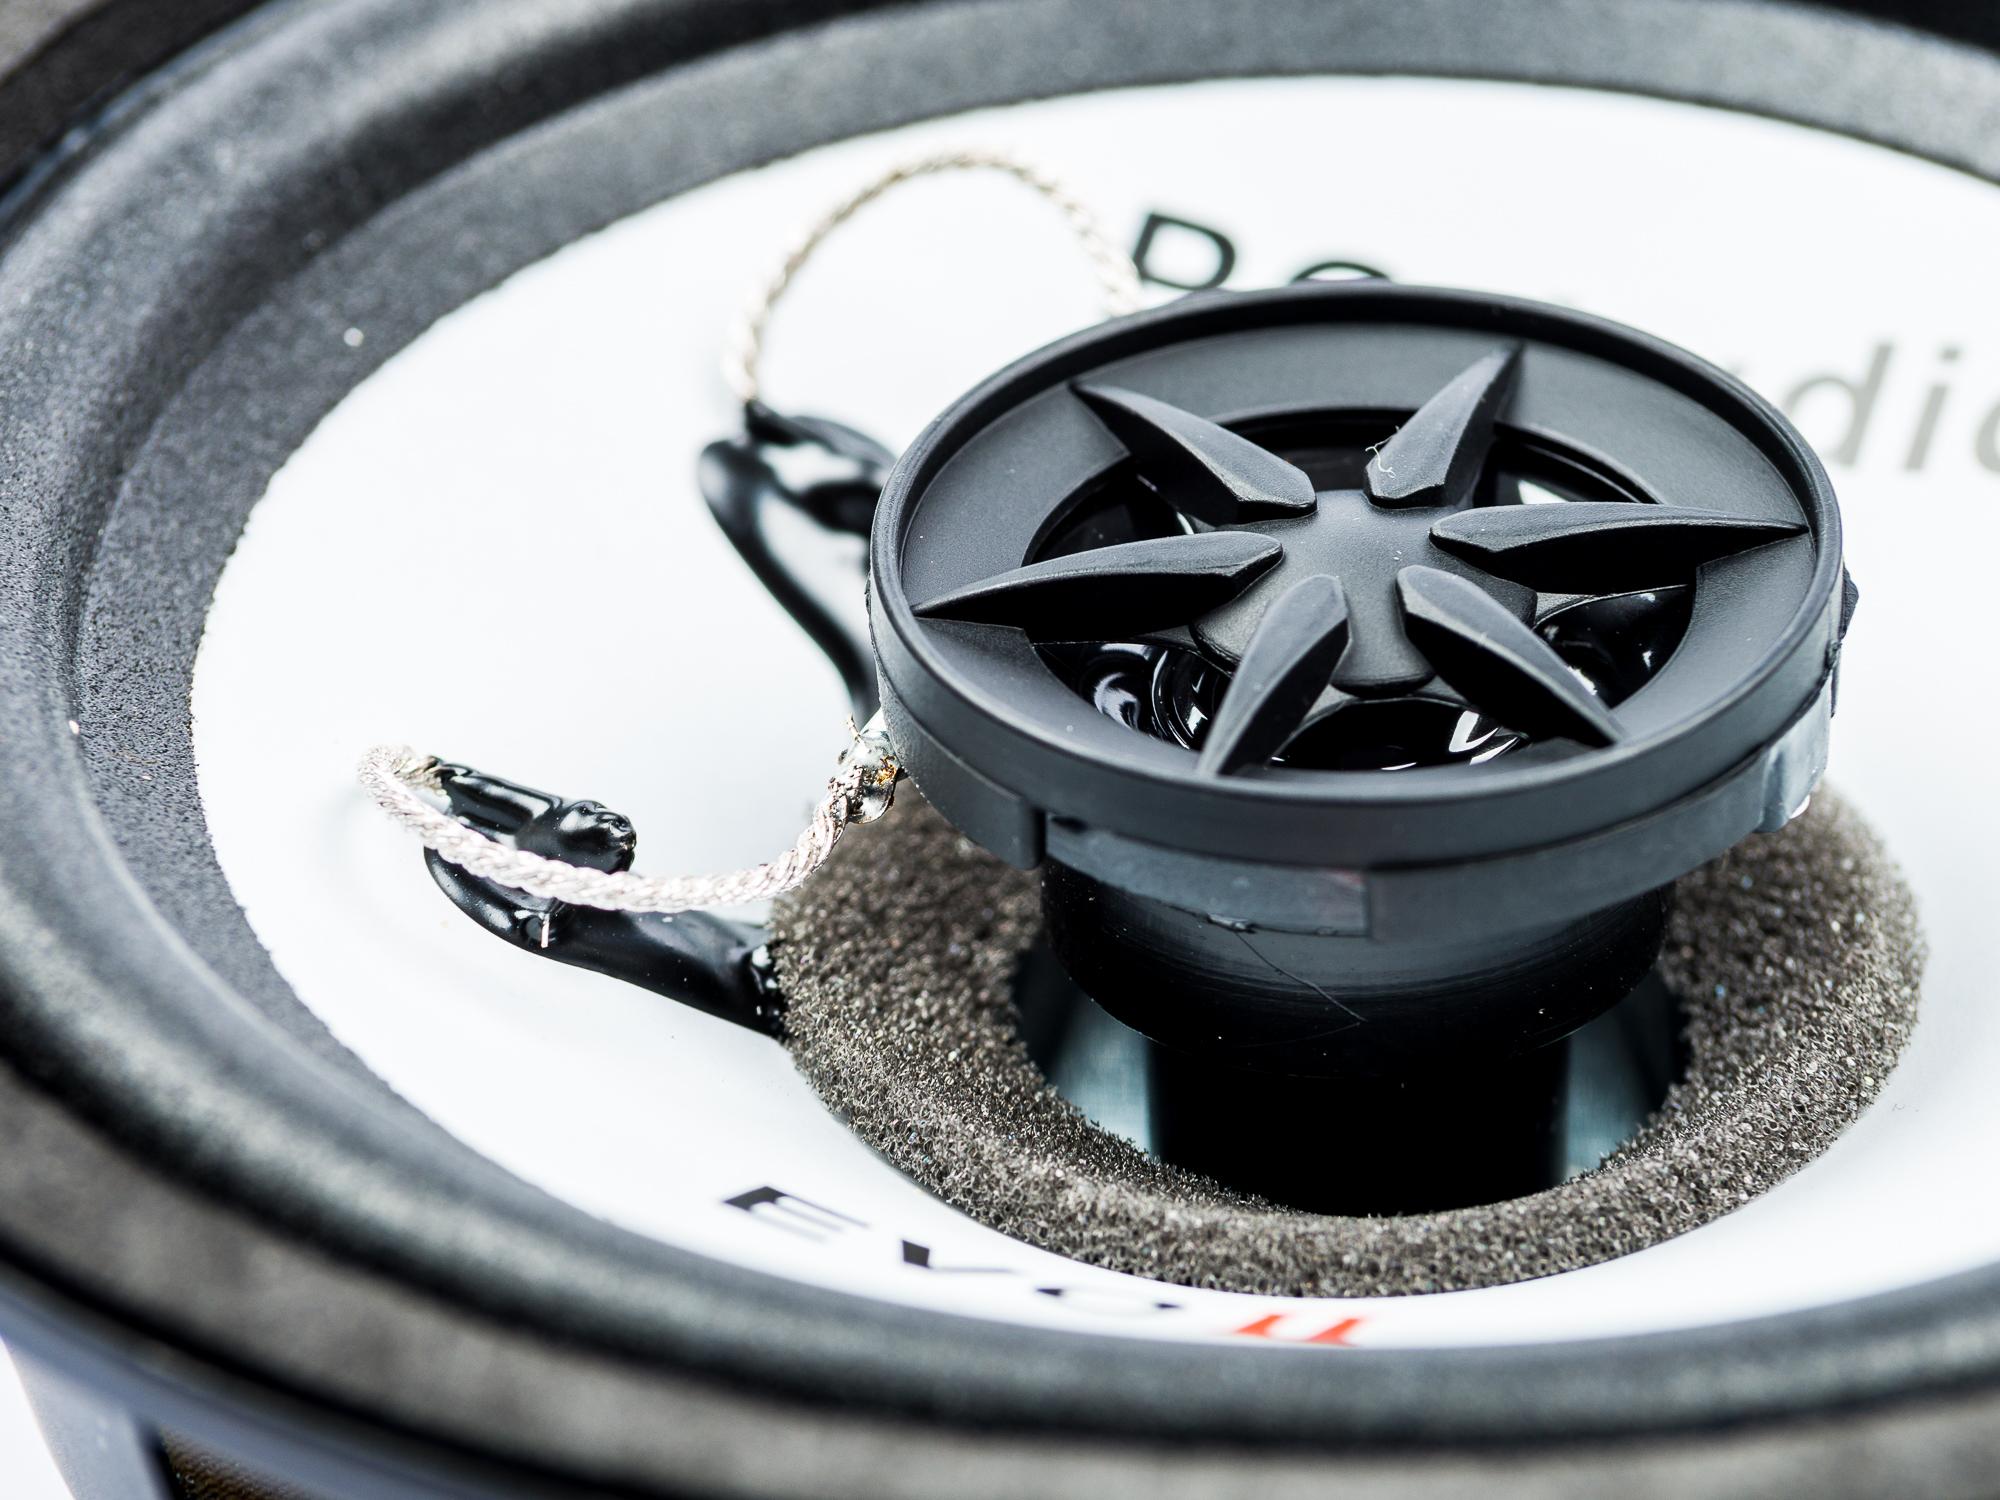 Citroen Berlingo Peugeot Partner Lautsprecher Einbauset Tür vorne PG Audio – Bild 4